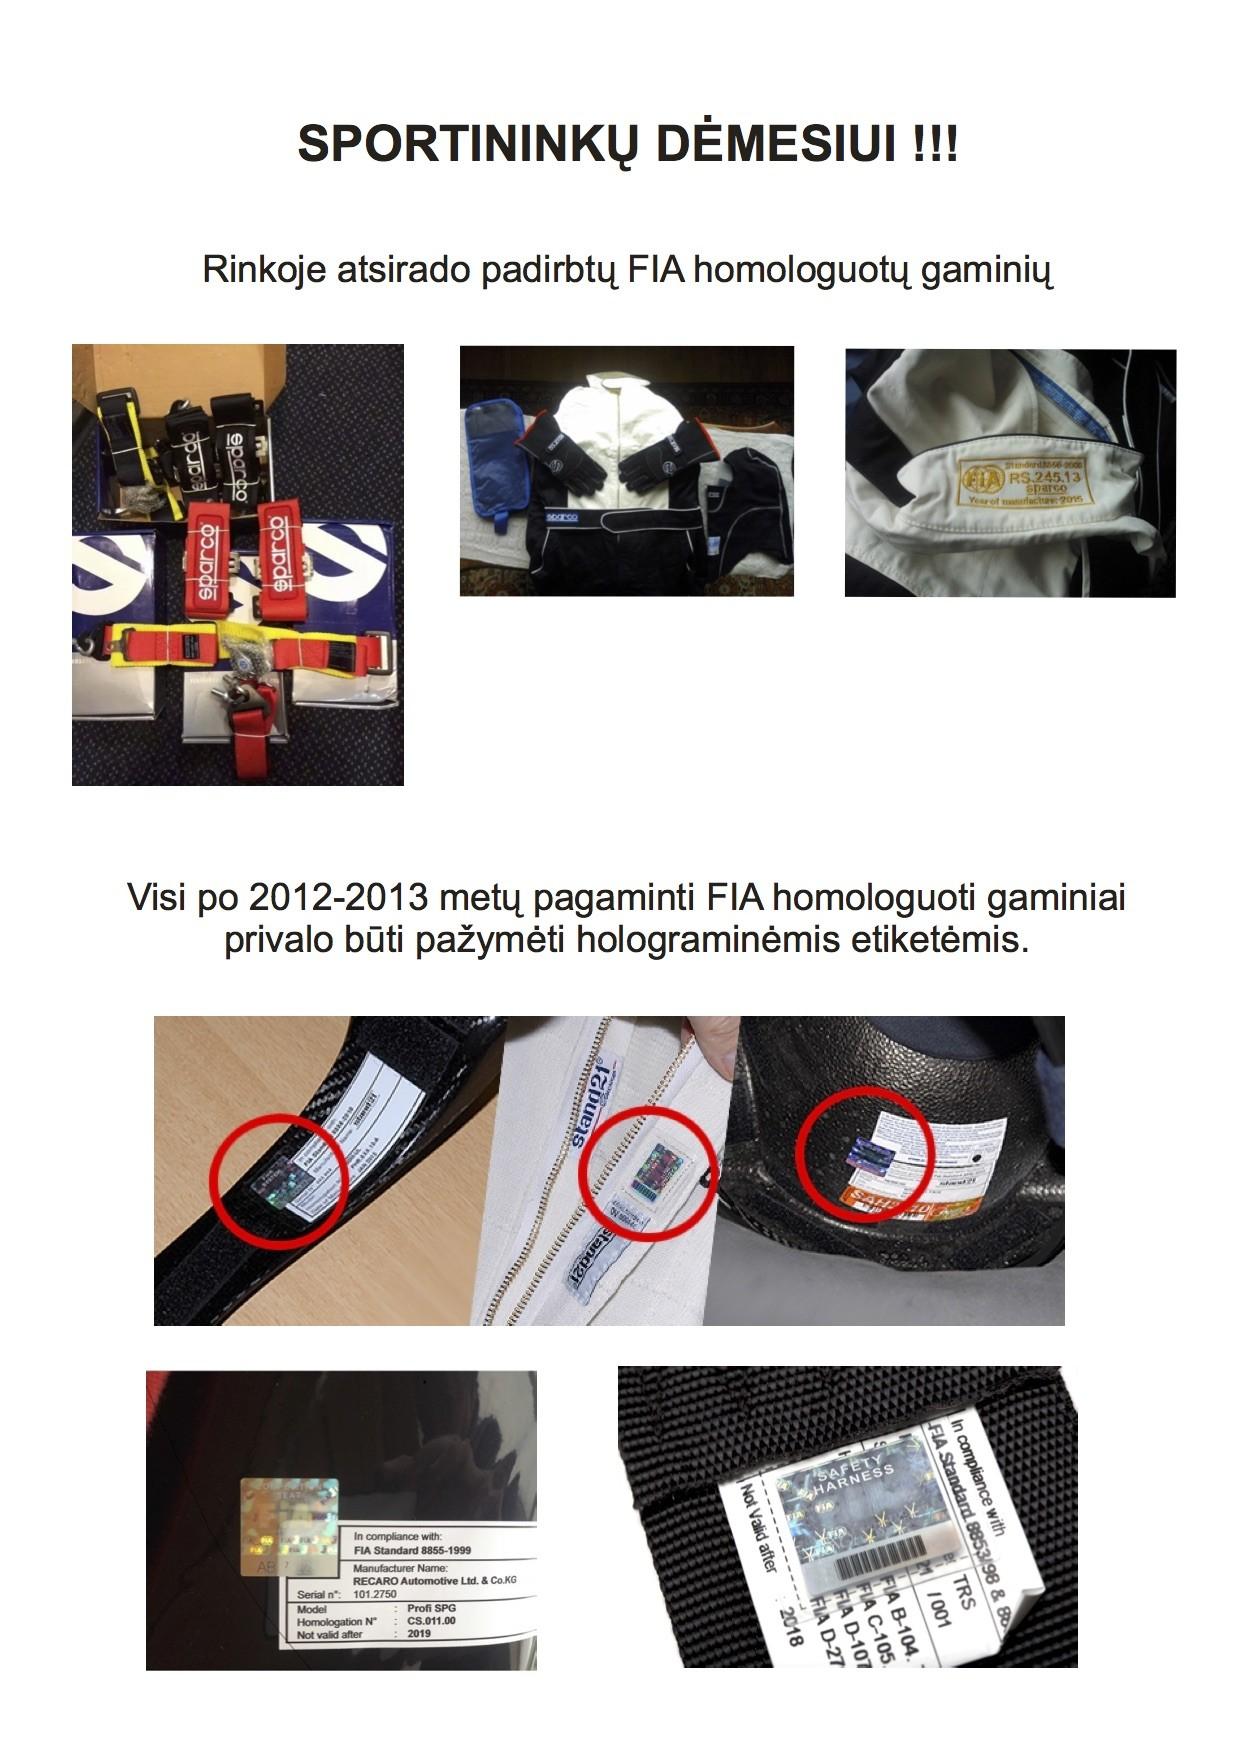 Padirbti FIA homologuoti gaminiai